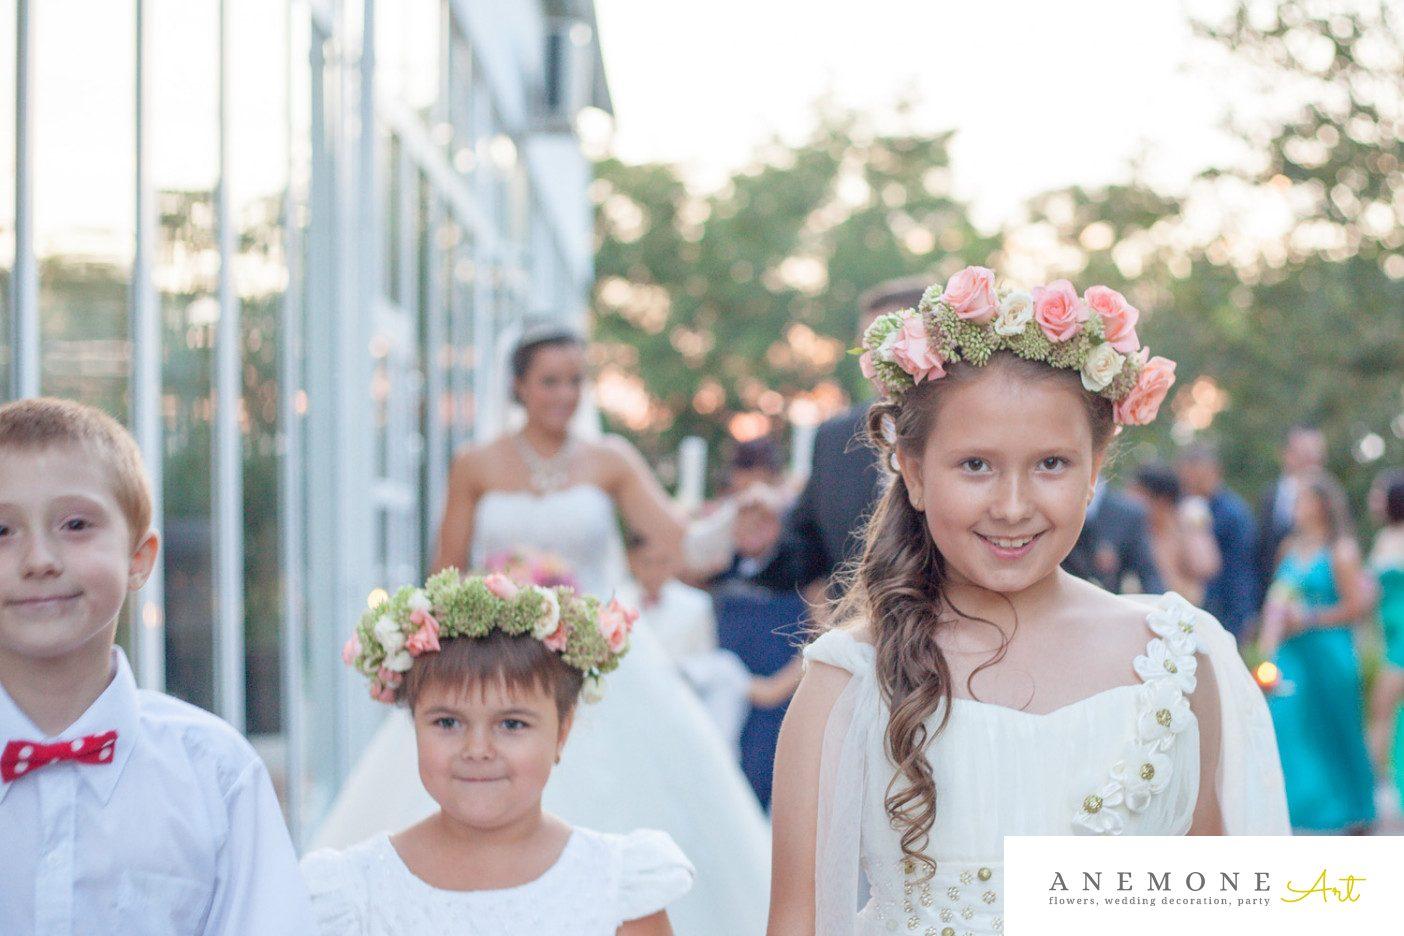 Poza, foto cu Flori de nunta aranjament par, coronita in Arad, Timisoara, Oradea (wedding flowers, bouquets) nunta Arad, Timisoara, Oradea